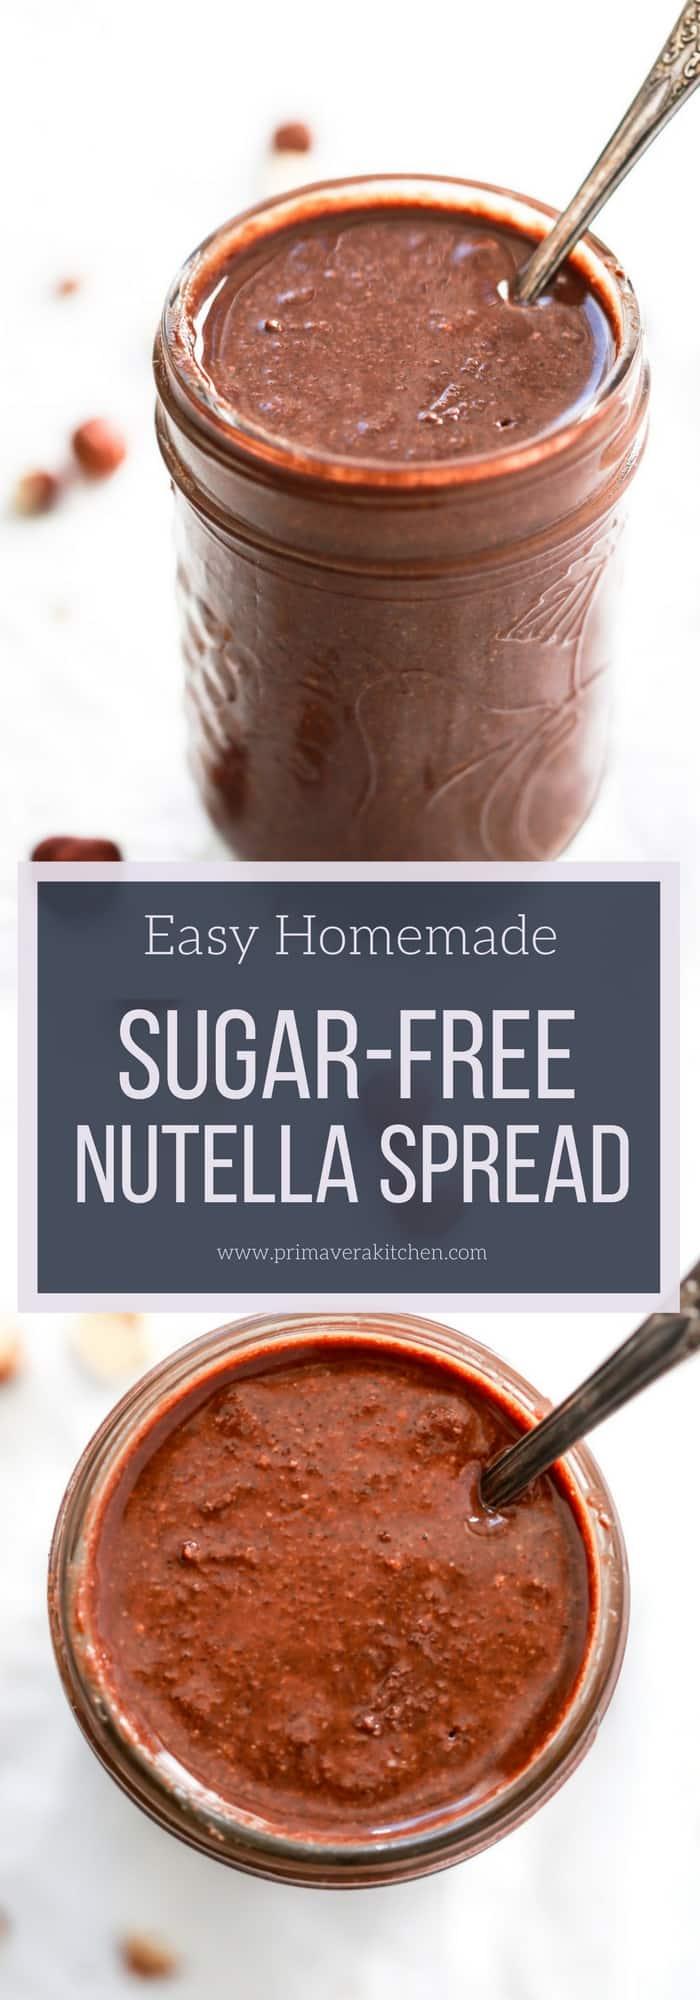 Easy Homemade Sugar-Free Nutella Spread - Primavera Kitchen